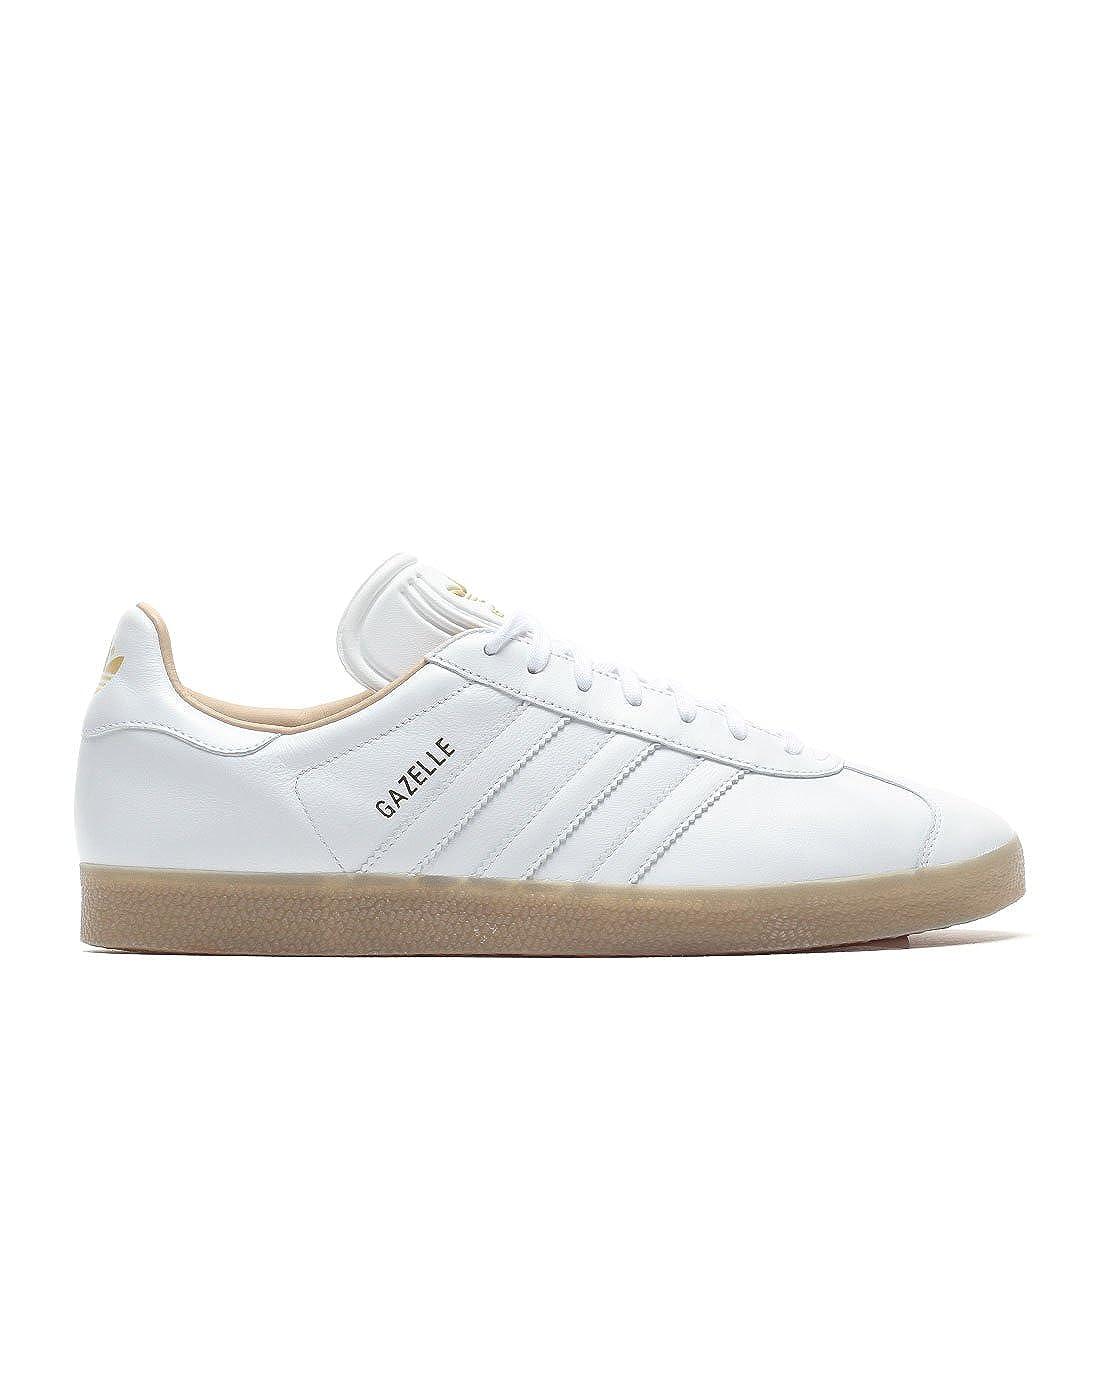 35a2bb60545 adidas Originals Gazelle